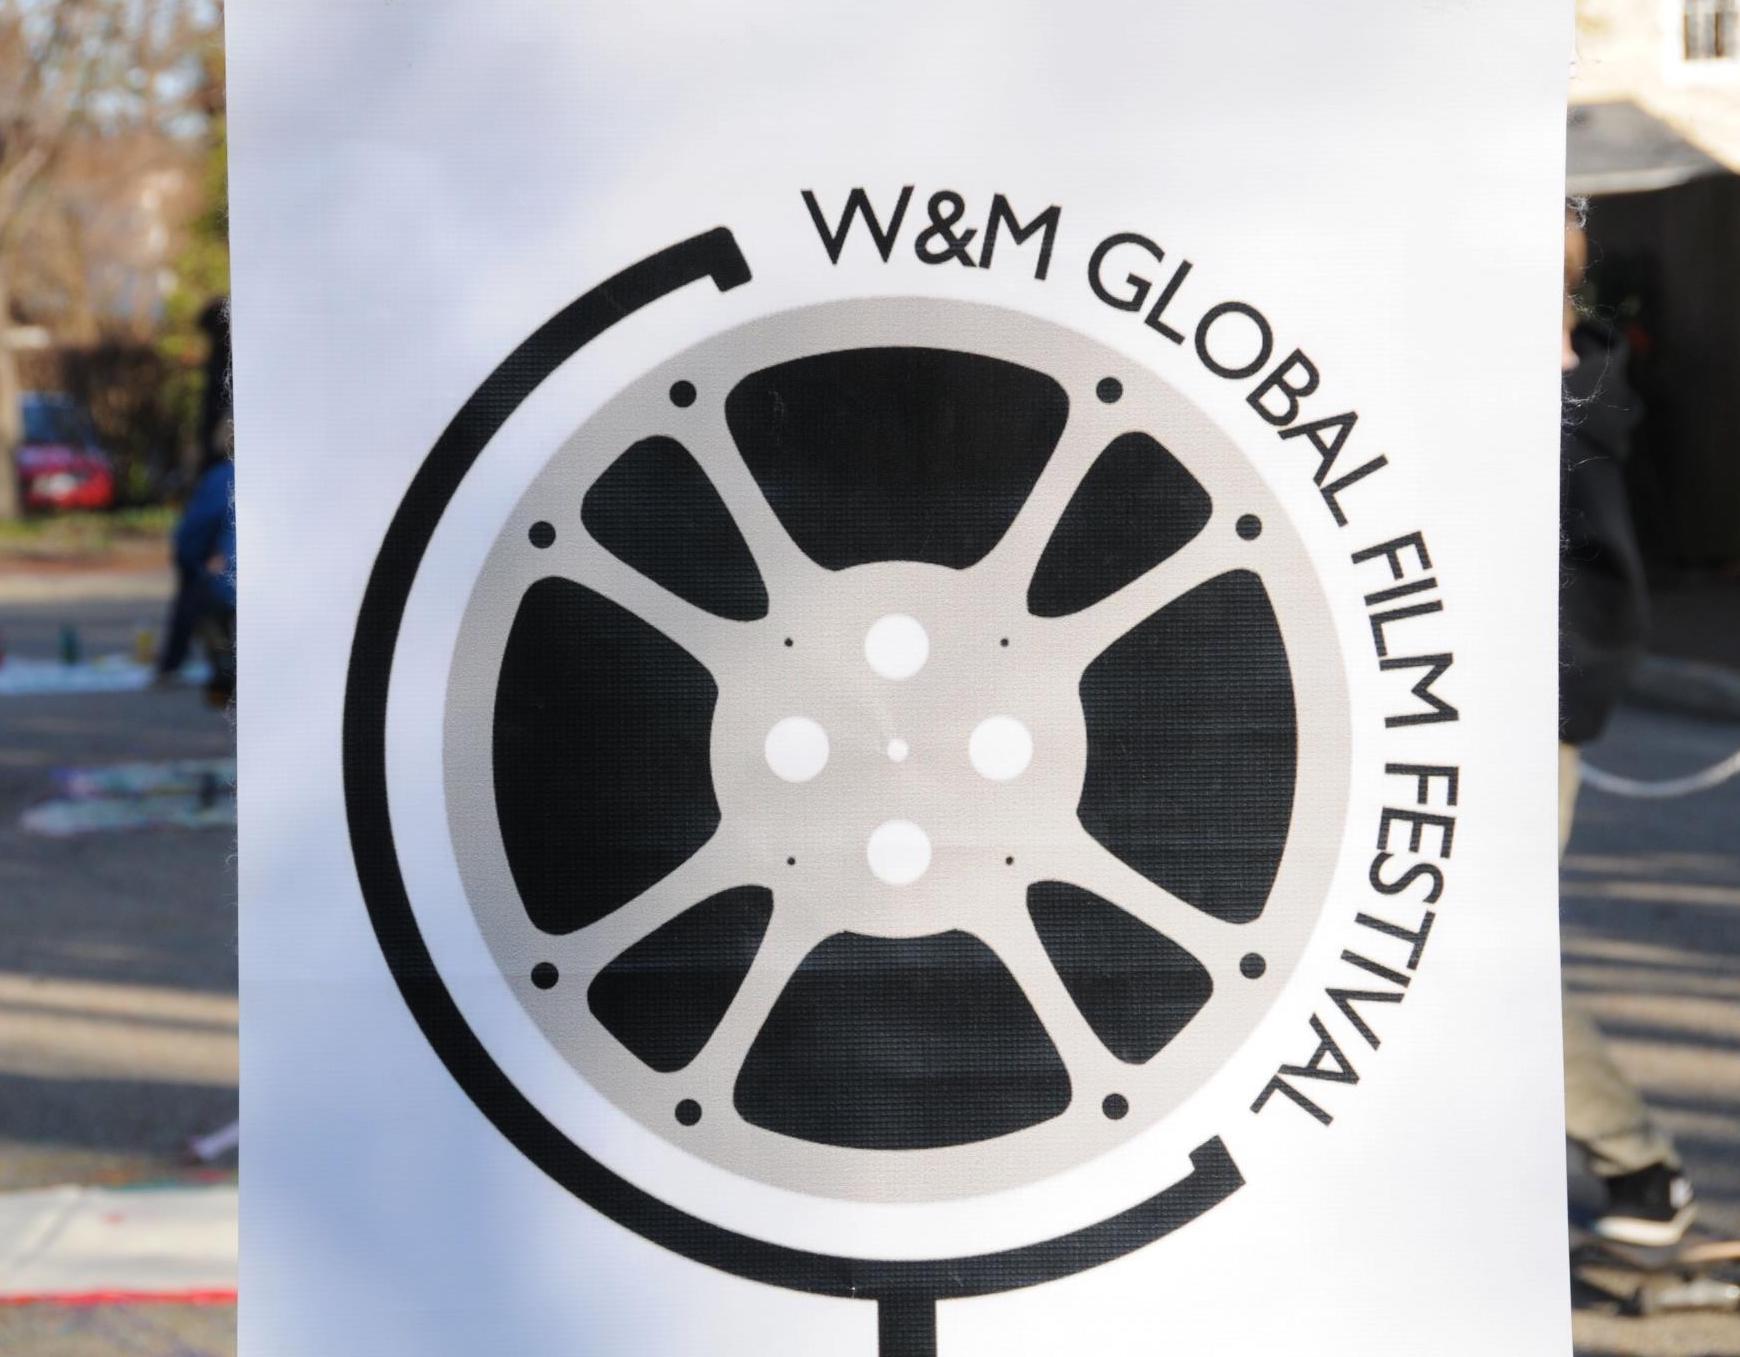 W&M Global Film Festival @ William & Mary